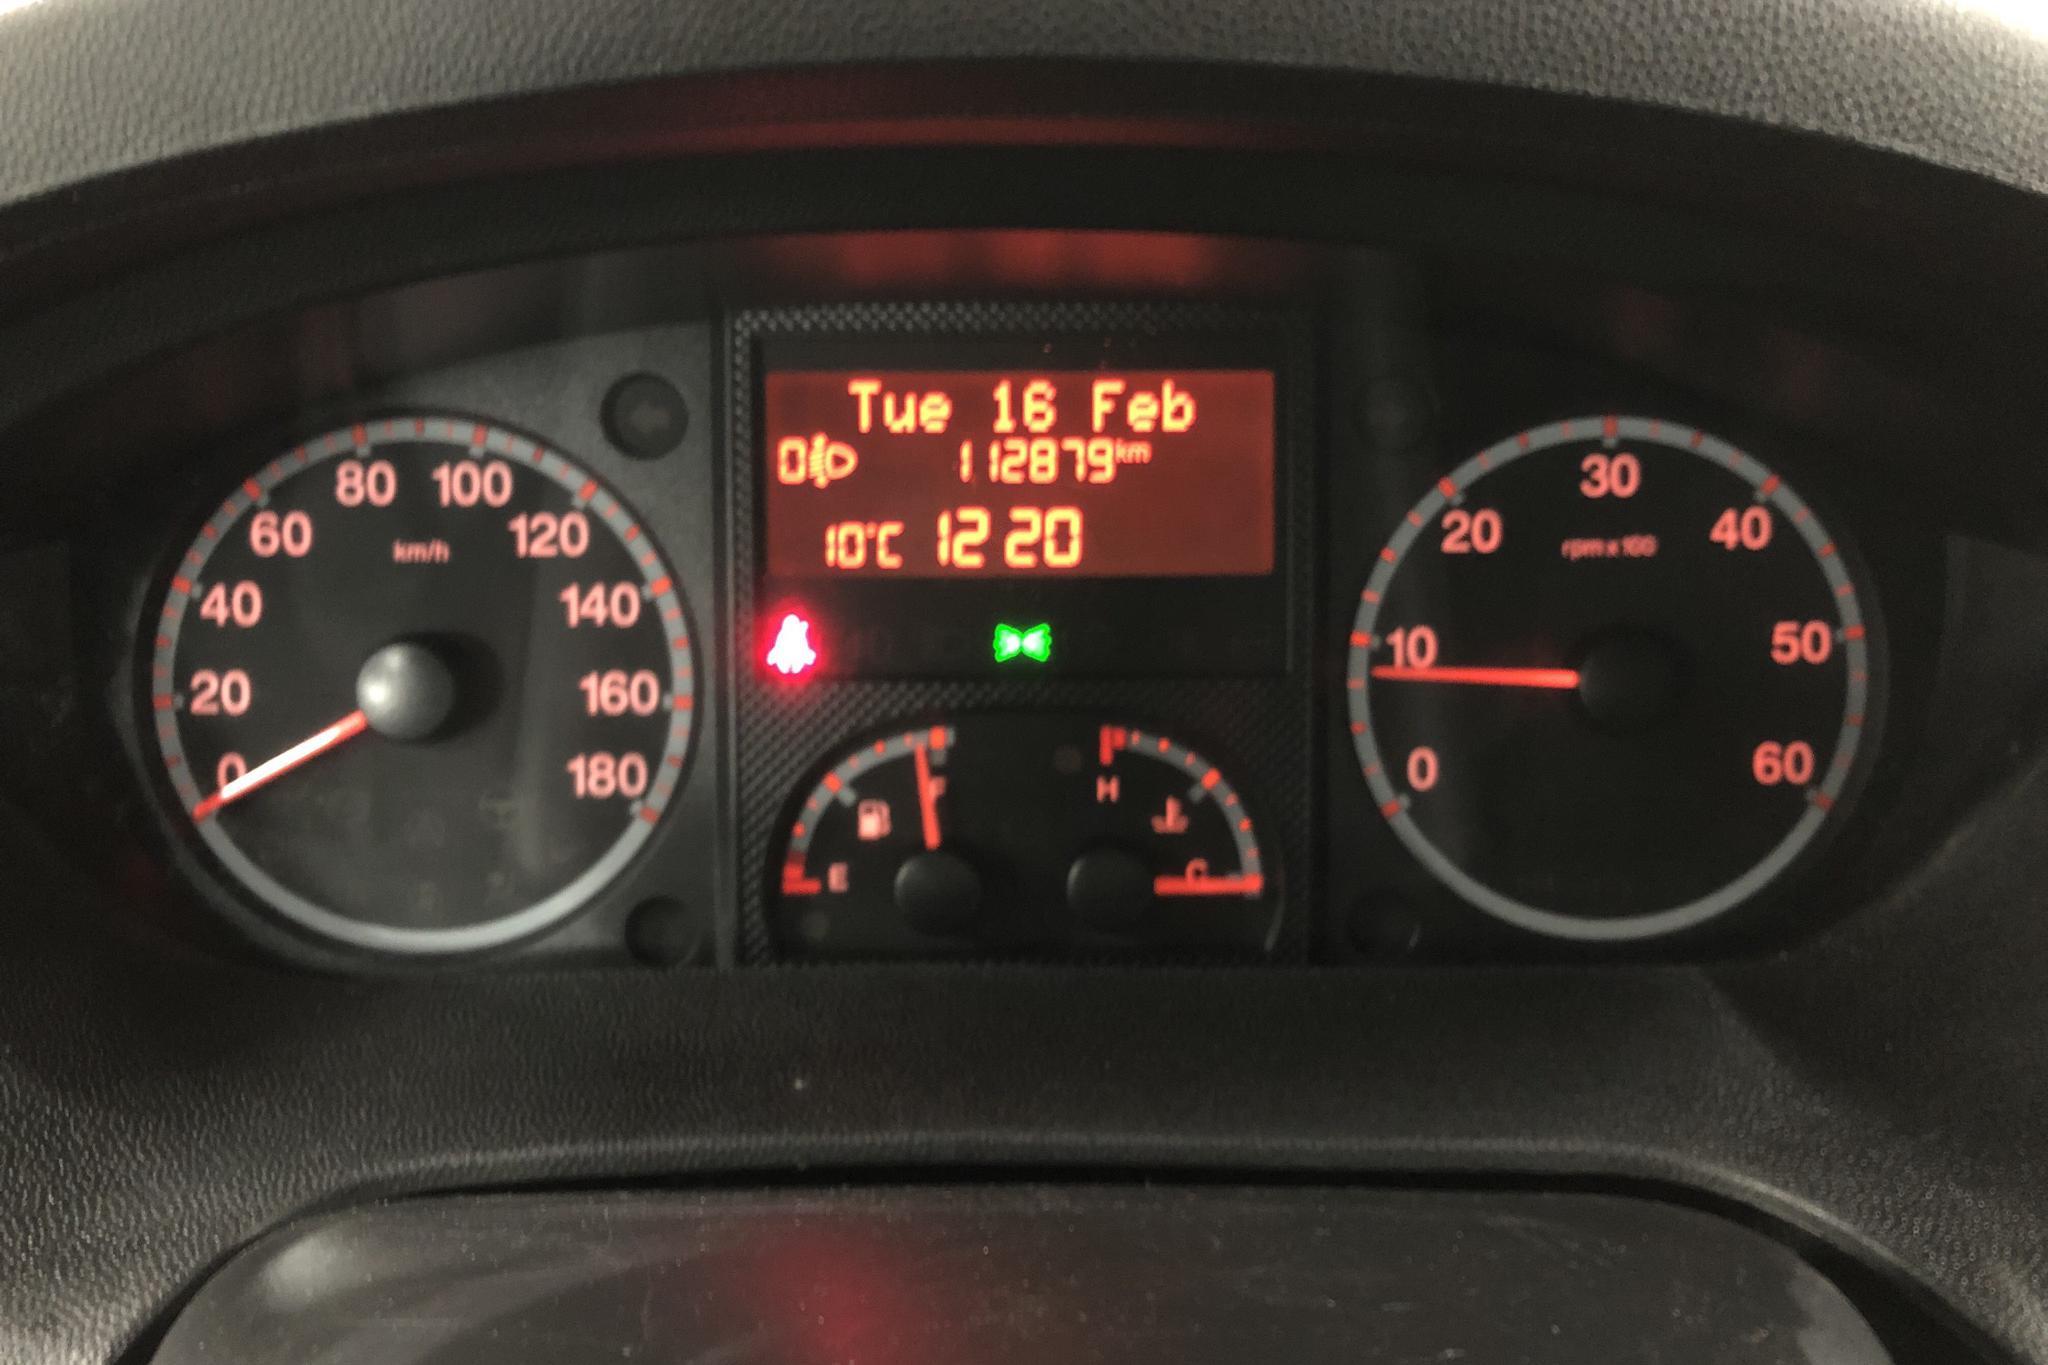 Peugeot Boxer 2.2 HDI Volymskåp (130hk) - 11 289 mil - Manuell - vit - 2013